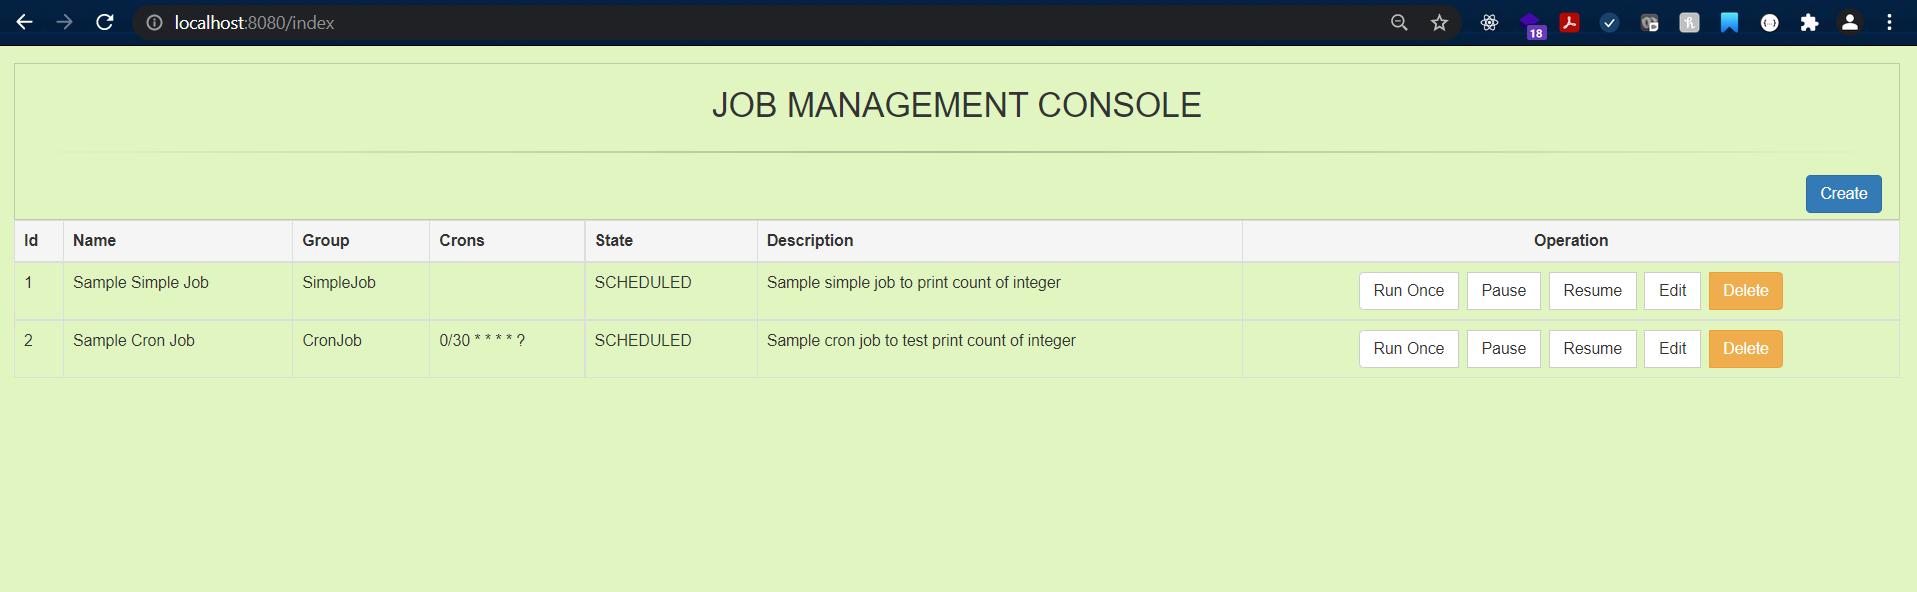 Job Management Console